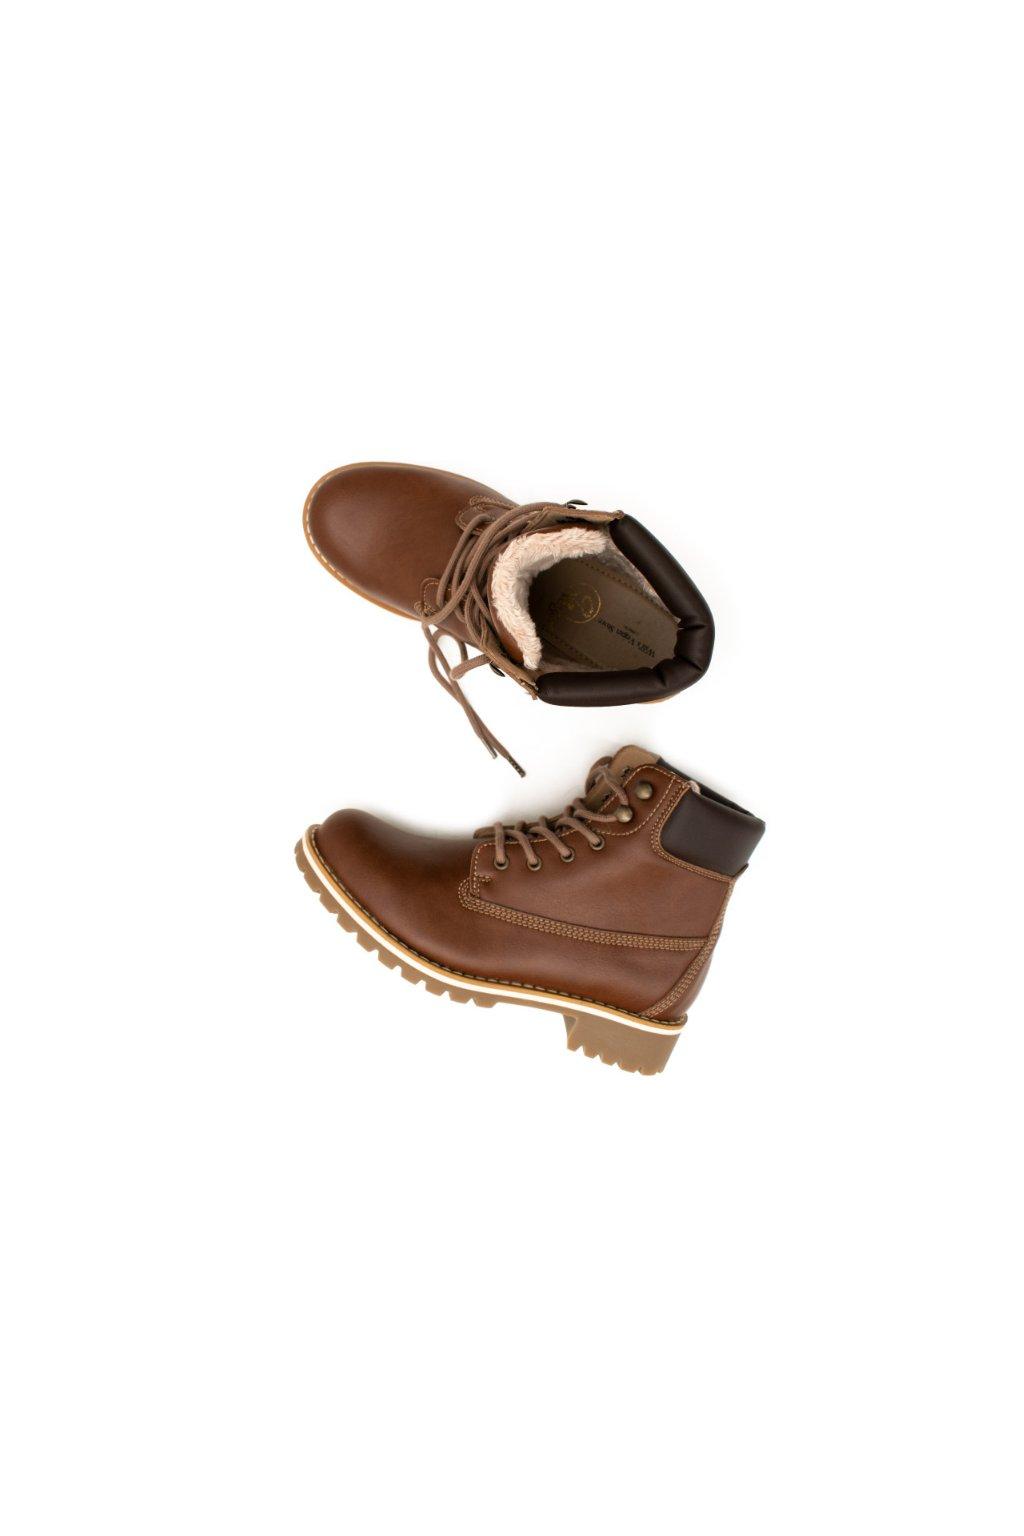 """Dámske hnedé zateplené členkové topánky """"Insulated Dock Boots Chestnut"""""""